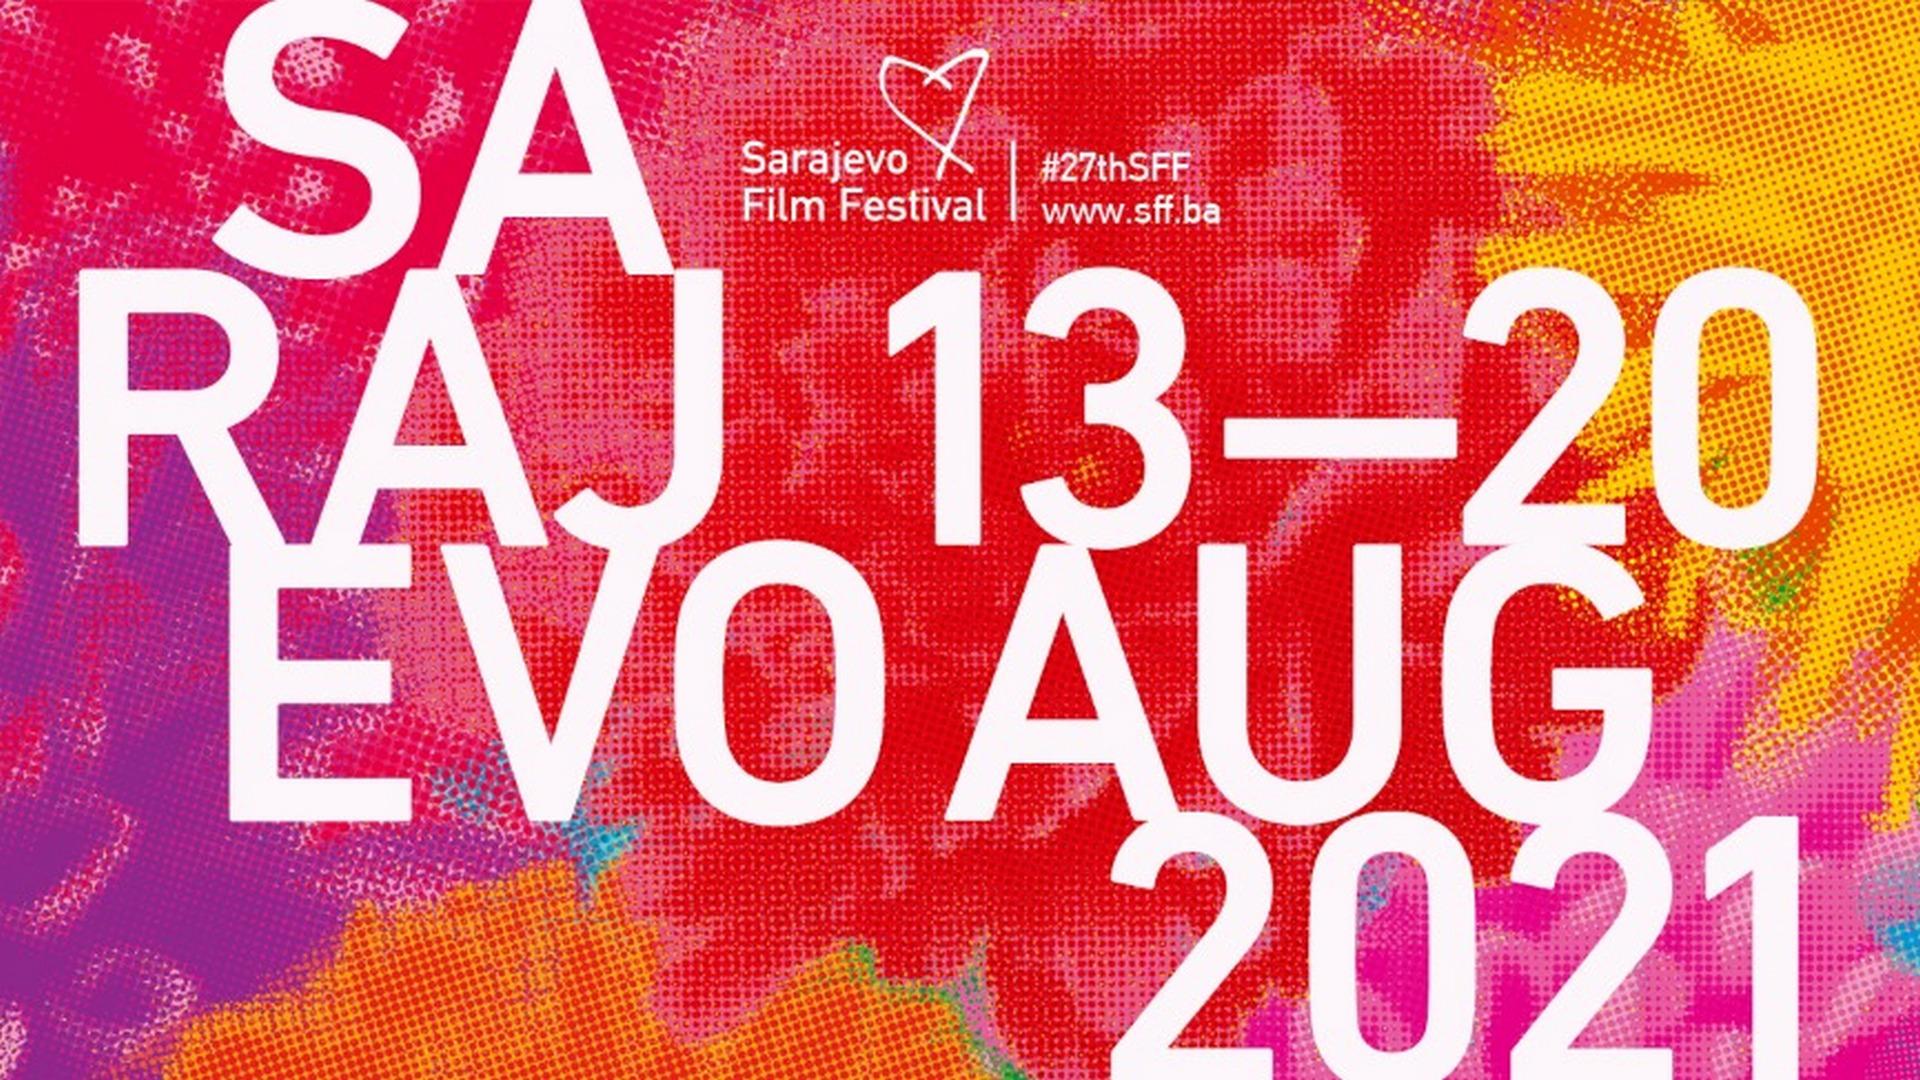 7 hrvatskih filmova u natjecateljskom programu | 27. Sarajevo Film Festival